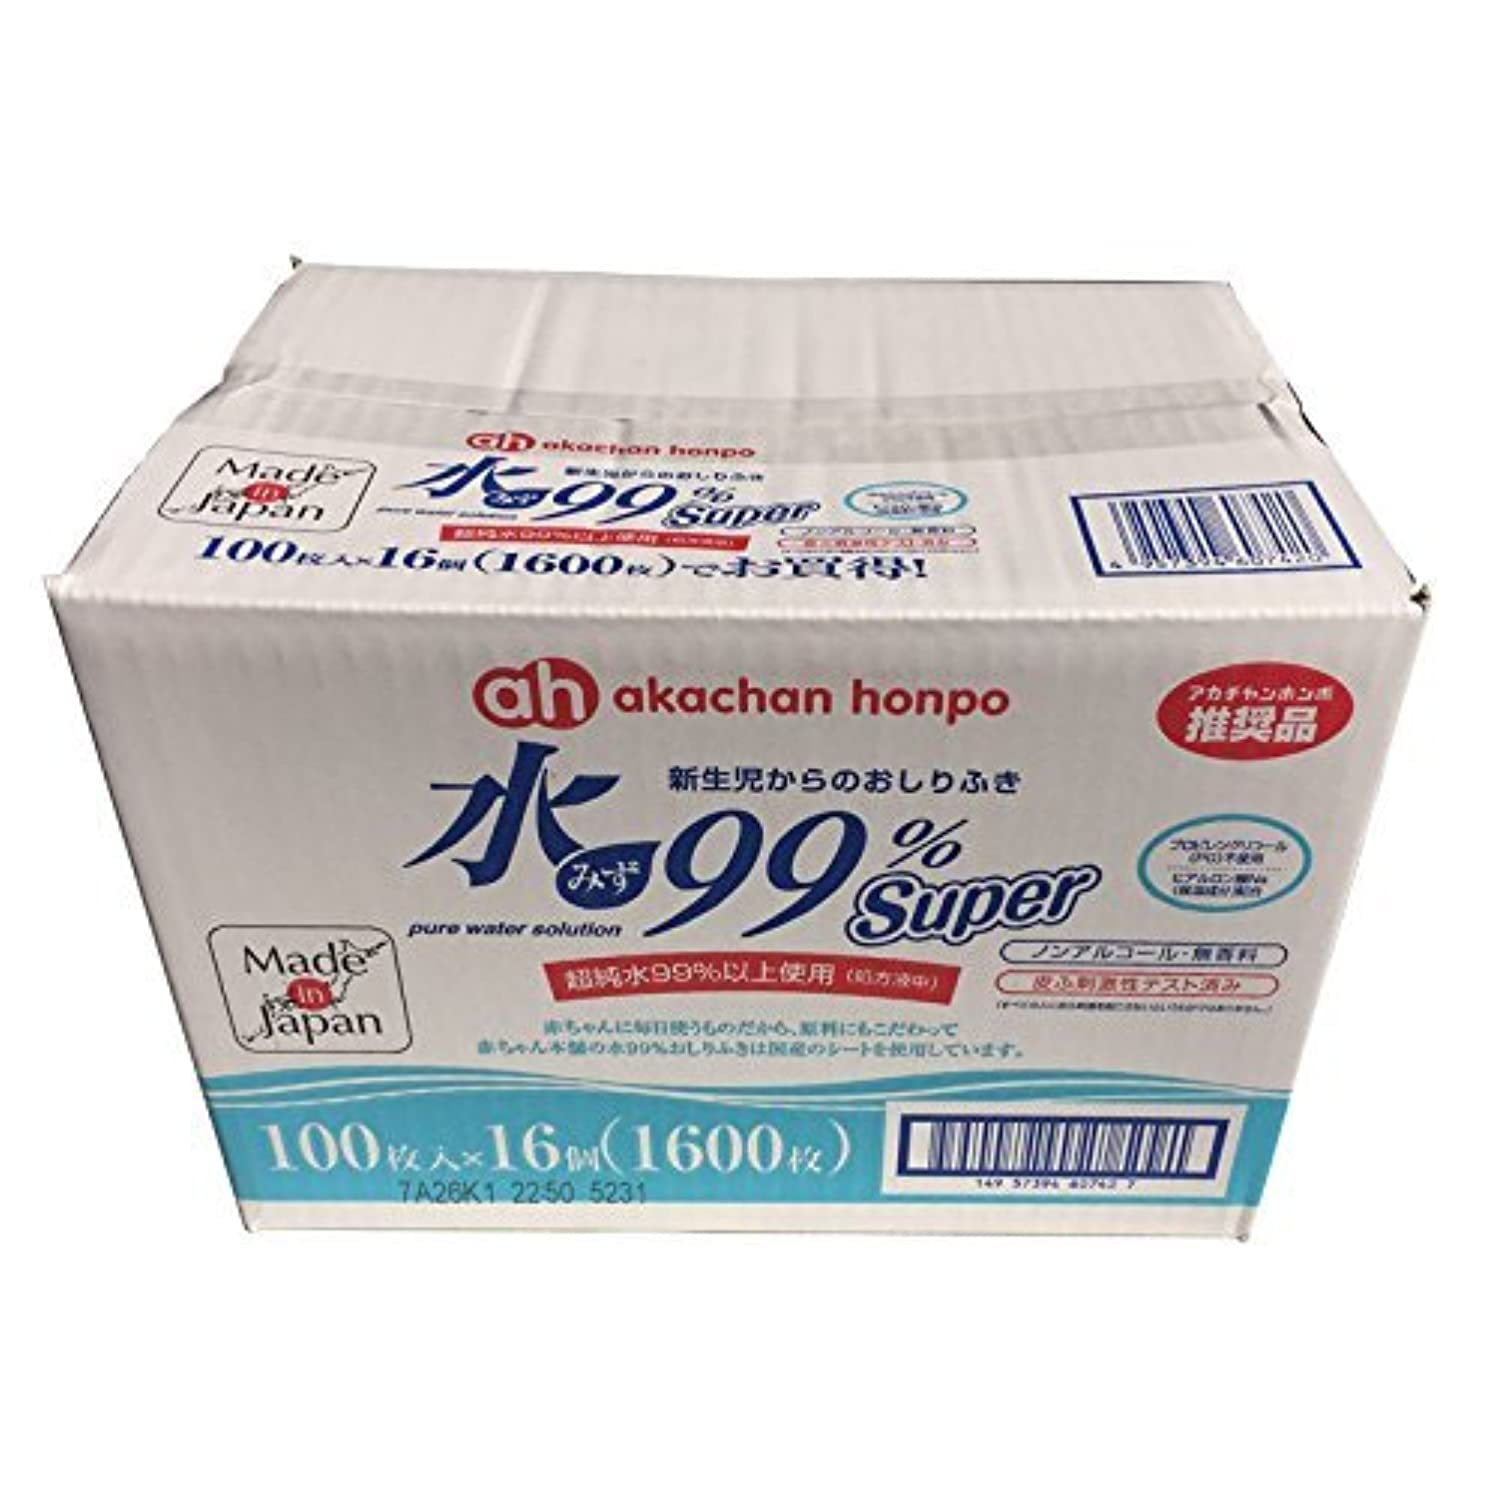 別々に定期的なアンビエント水99%おしりふき 100枚×16個パック 2ケース納品